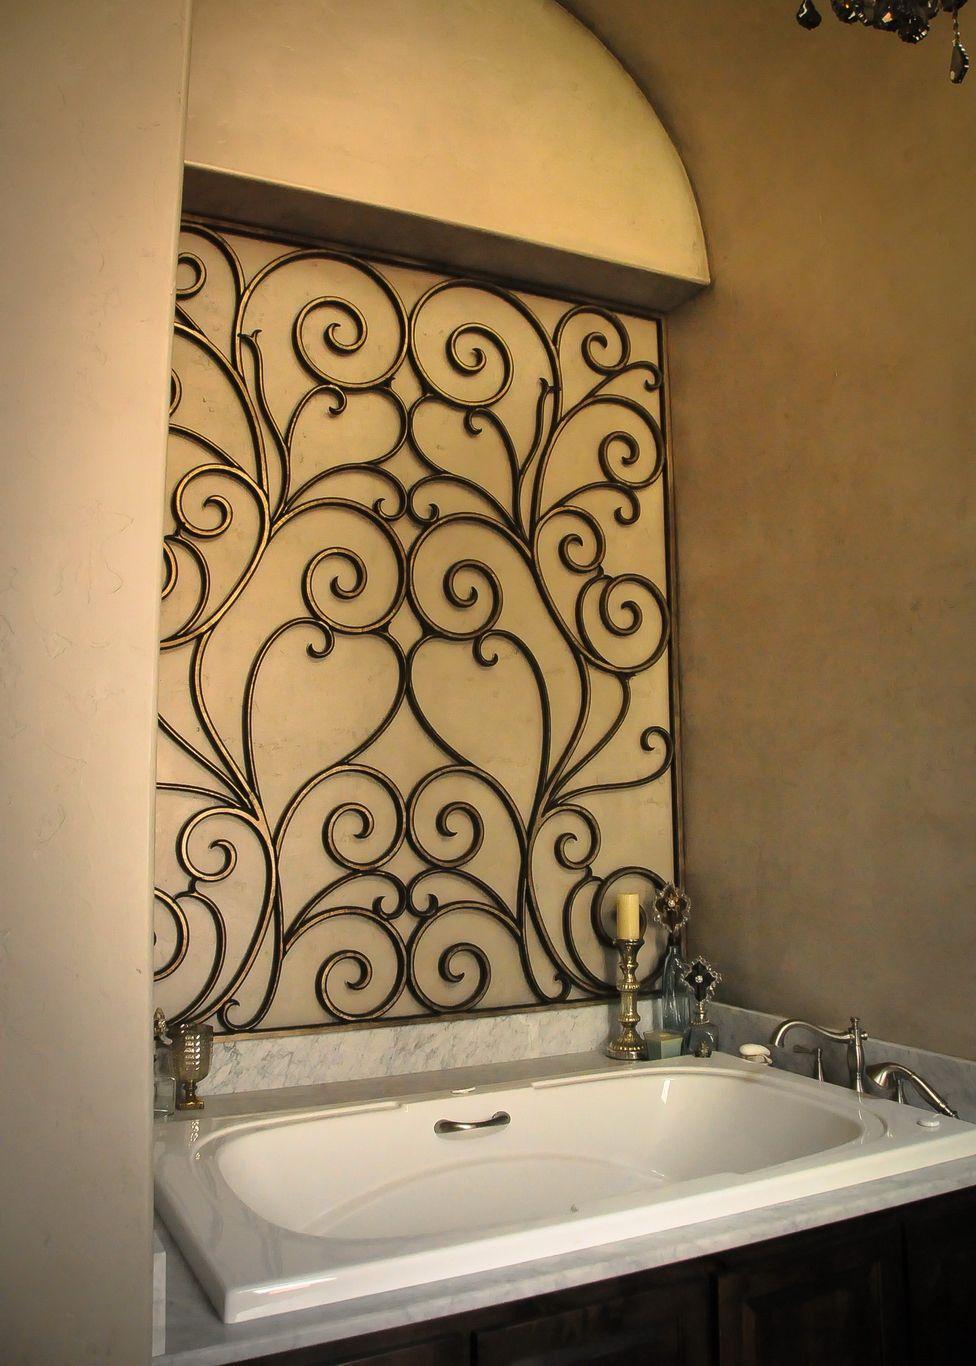 Tableaux Faux Iron Decorative Grille Bathroom Niche 20160614 3